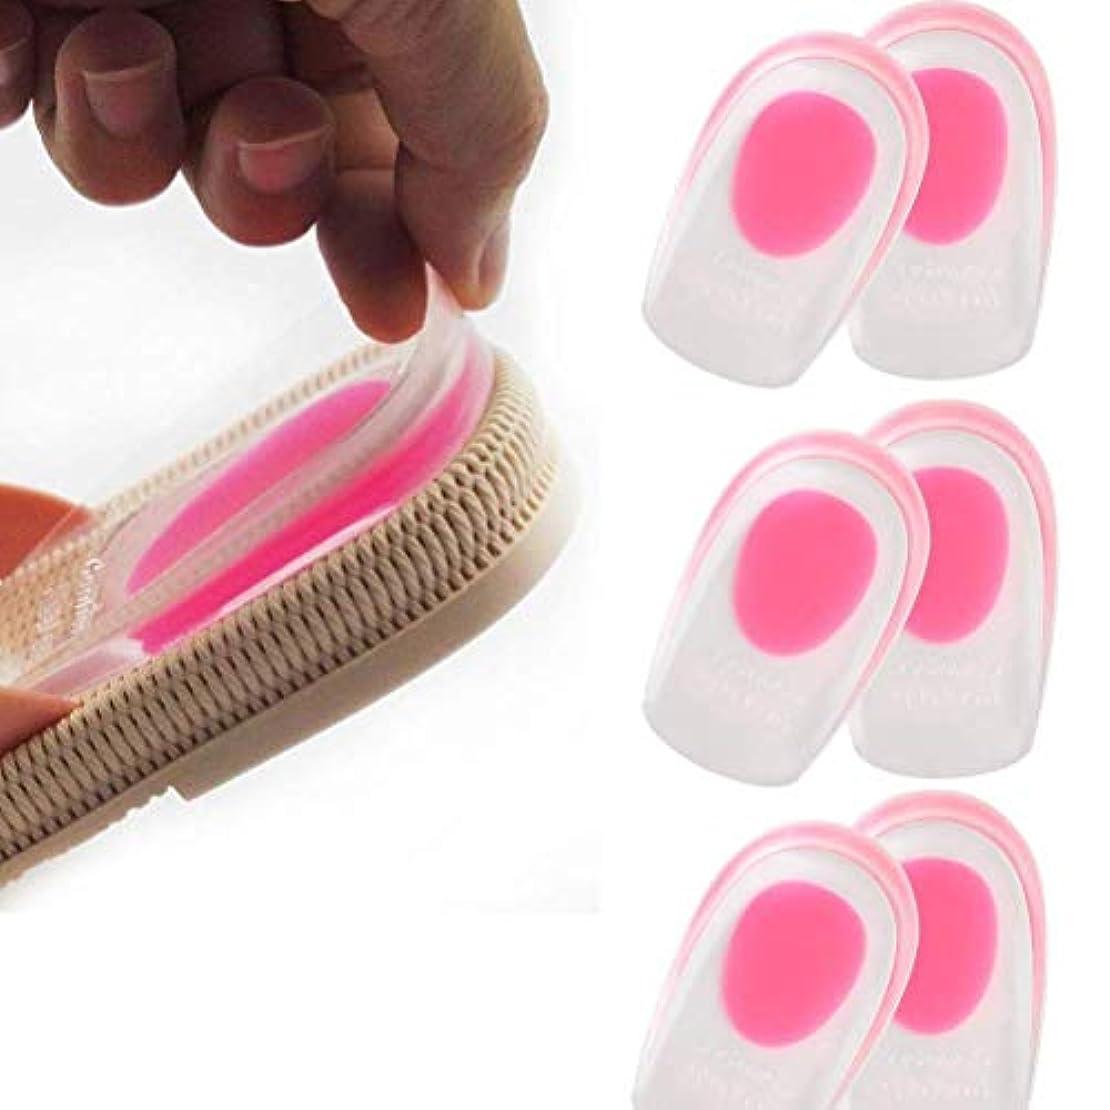 トムオードリースハントキャロラインフットパッドを増加ゲル踵パッドを補正する3対/ヒールを挿入すると、足底筋膜炎/踵痛及び拍車ためインソールを持ち上げます (Pink)